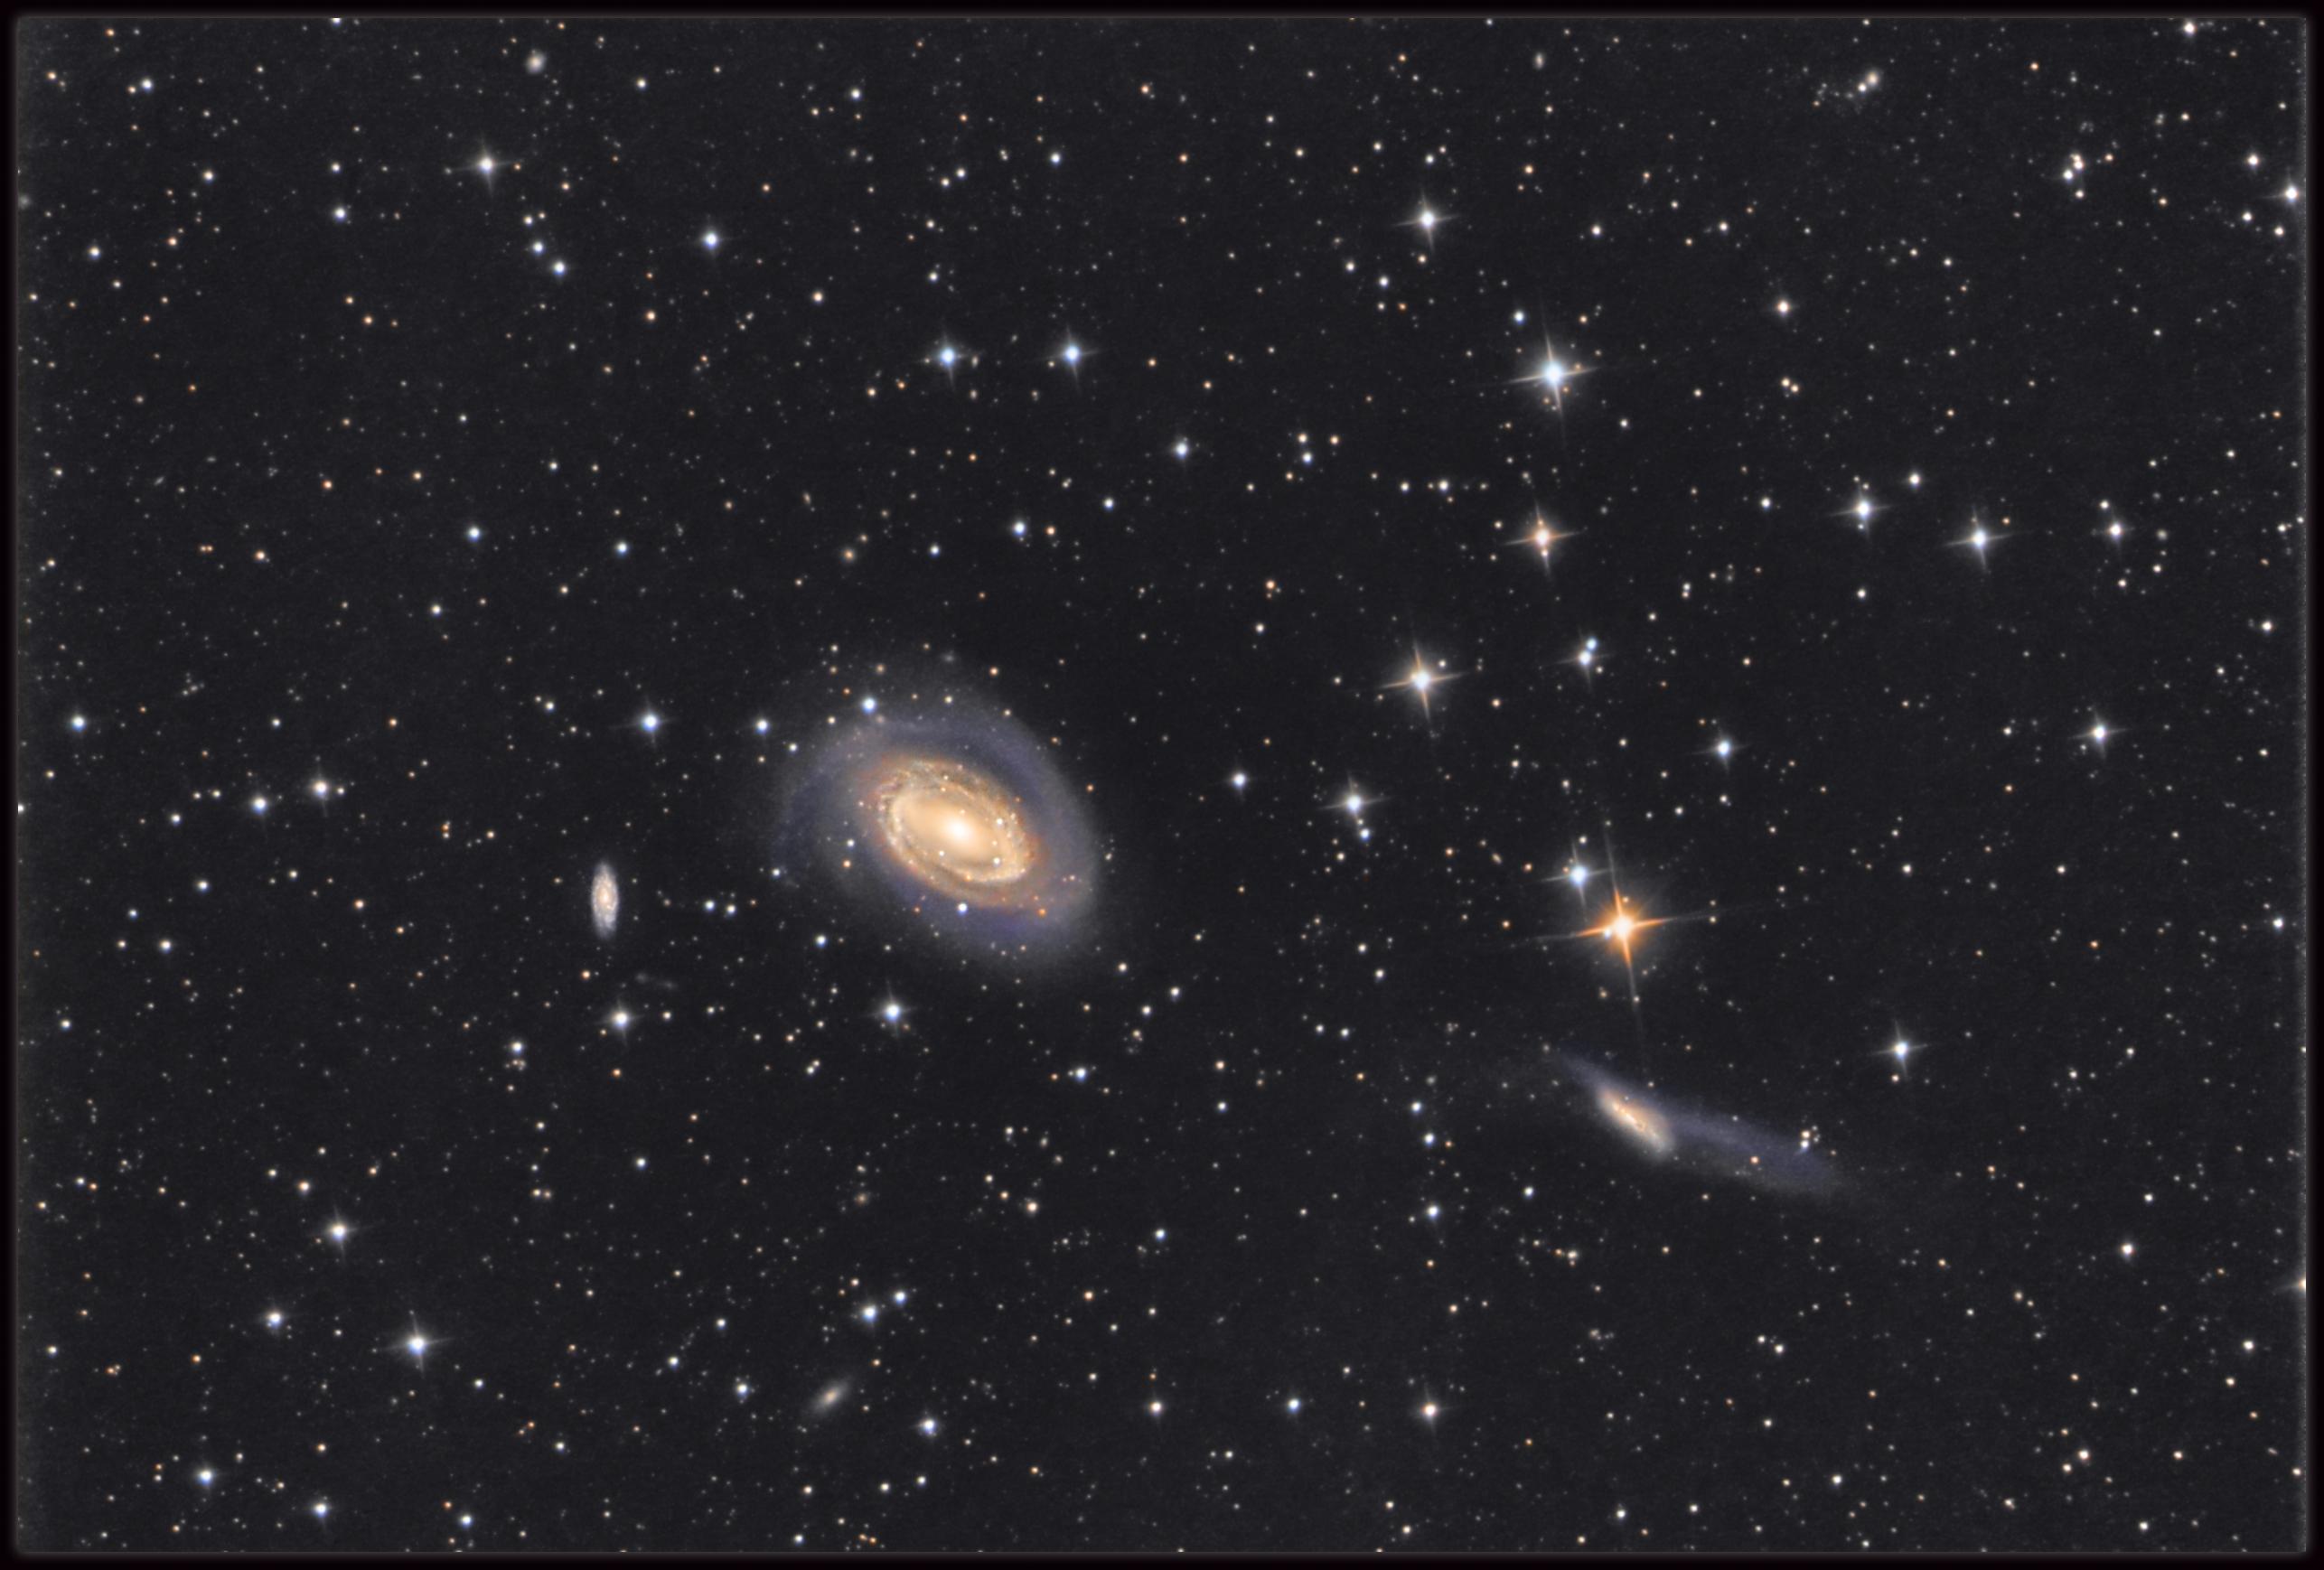 NGC 4725 & NGC 4747